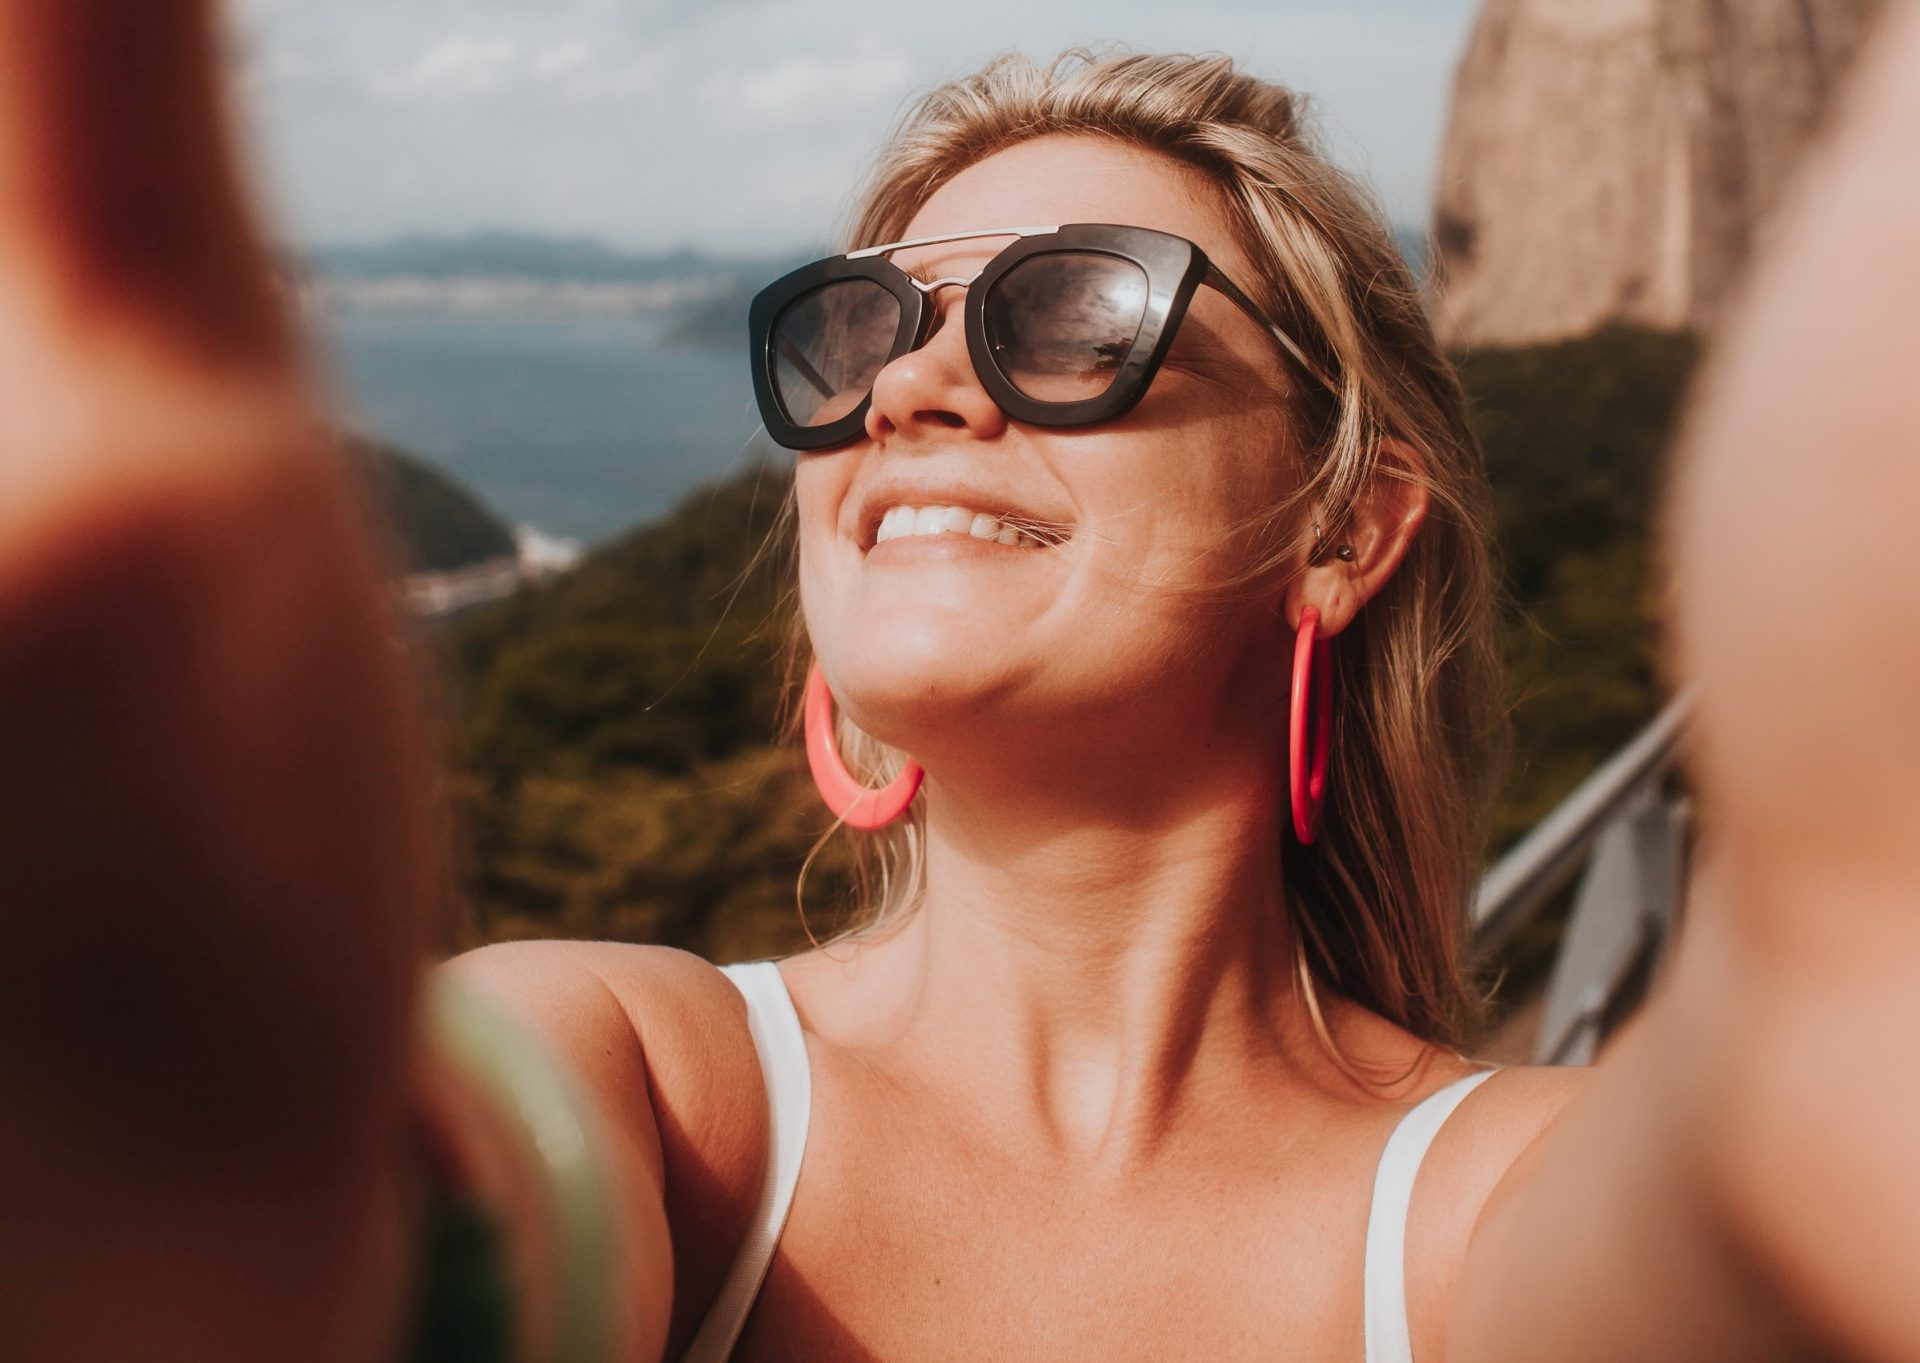 Bei der Online-Partnersuche ohne Retusche und Face-Filter durchstarten